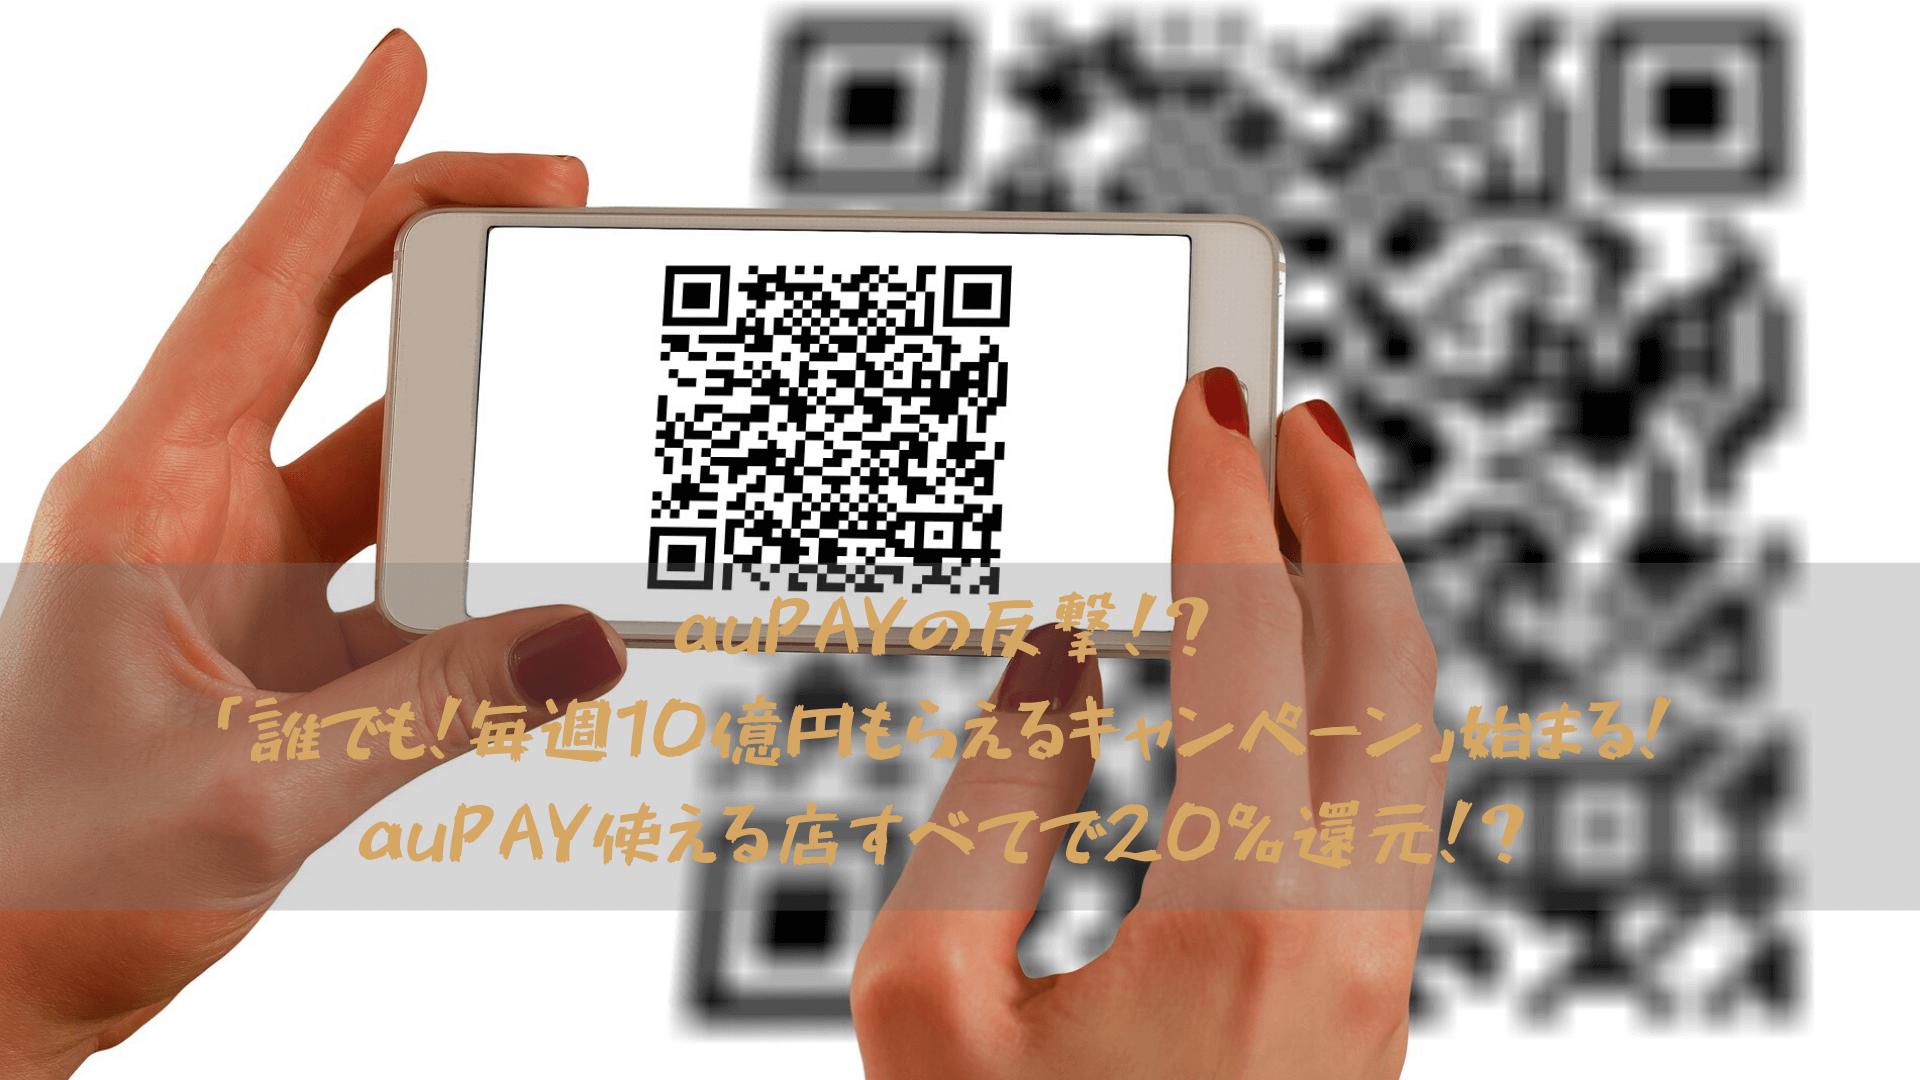 auPAYの反撃!?「誰でも!毎週10億円もらえるキャンペーン」始まる!auPAY使える店すべてで20%還元!?